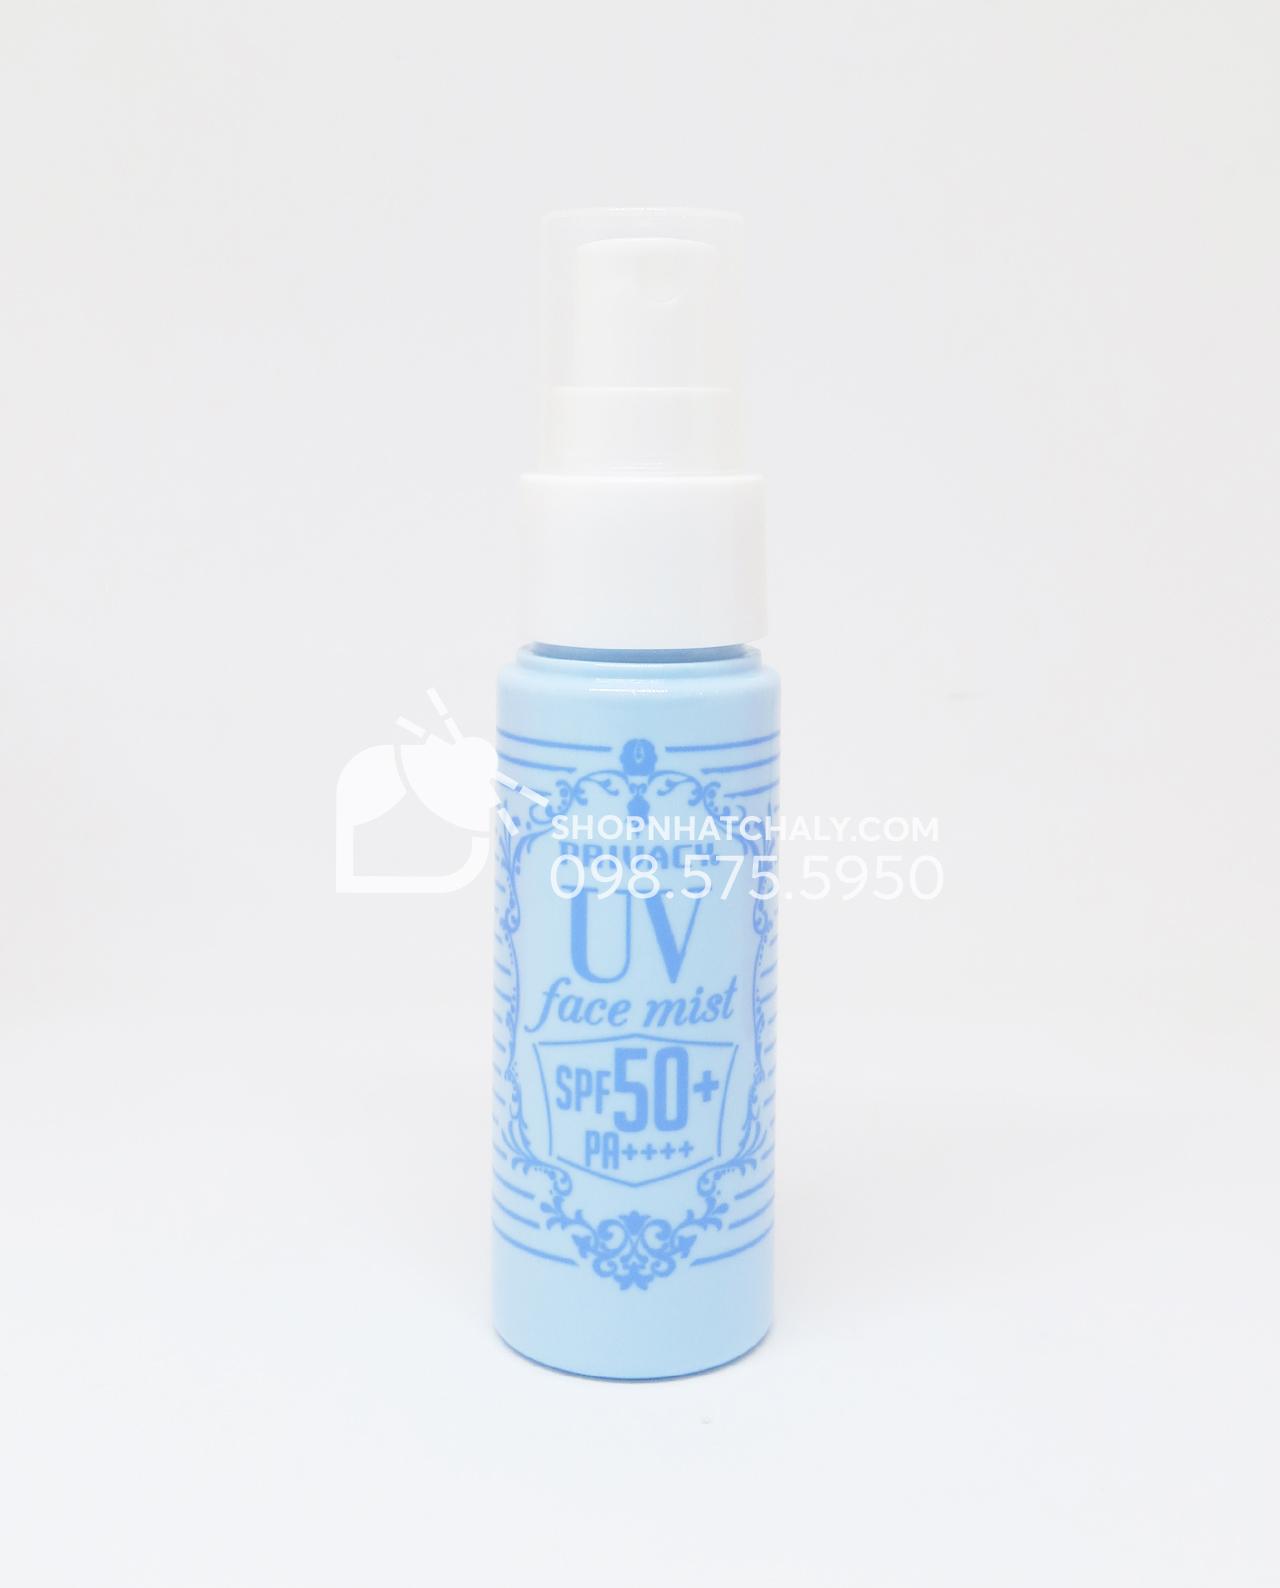 Kem chống nắng dạng xịt cho da mặt và body Privacy UV Face Mist SPF50 Nhật chai 40ml